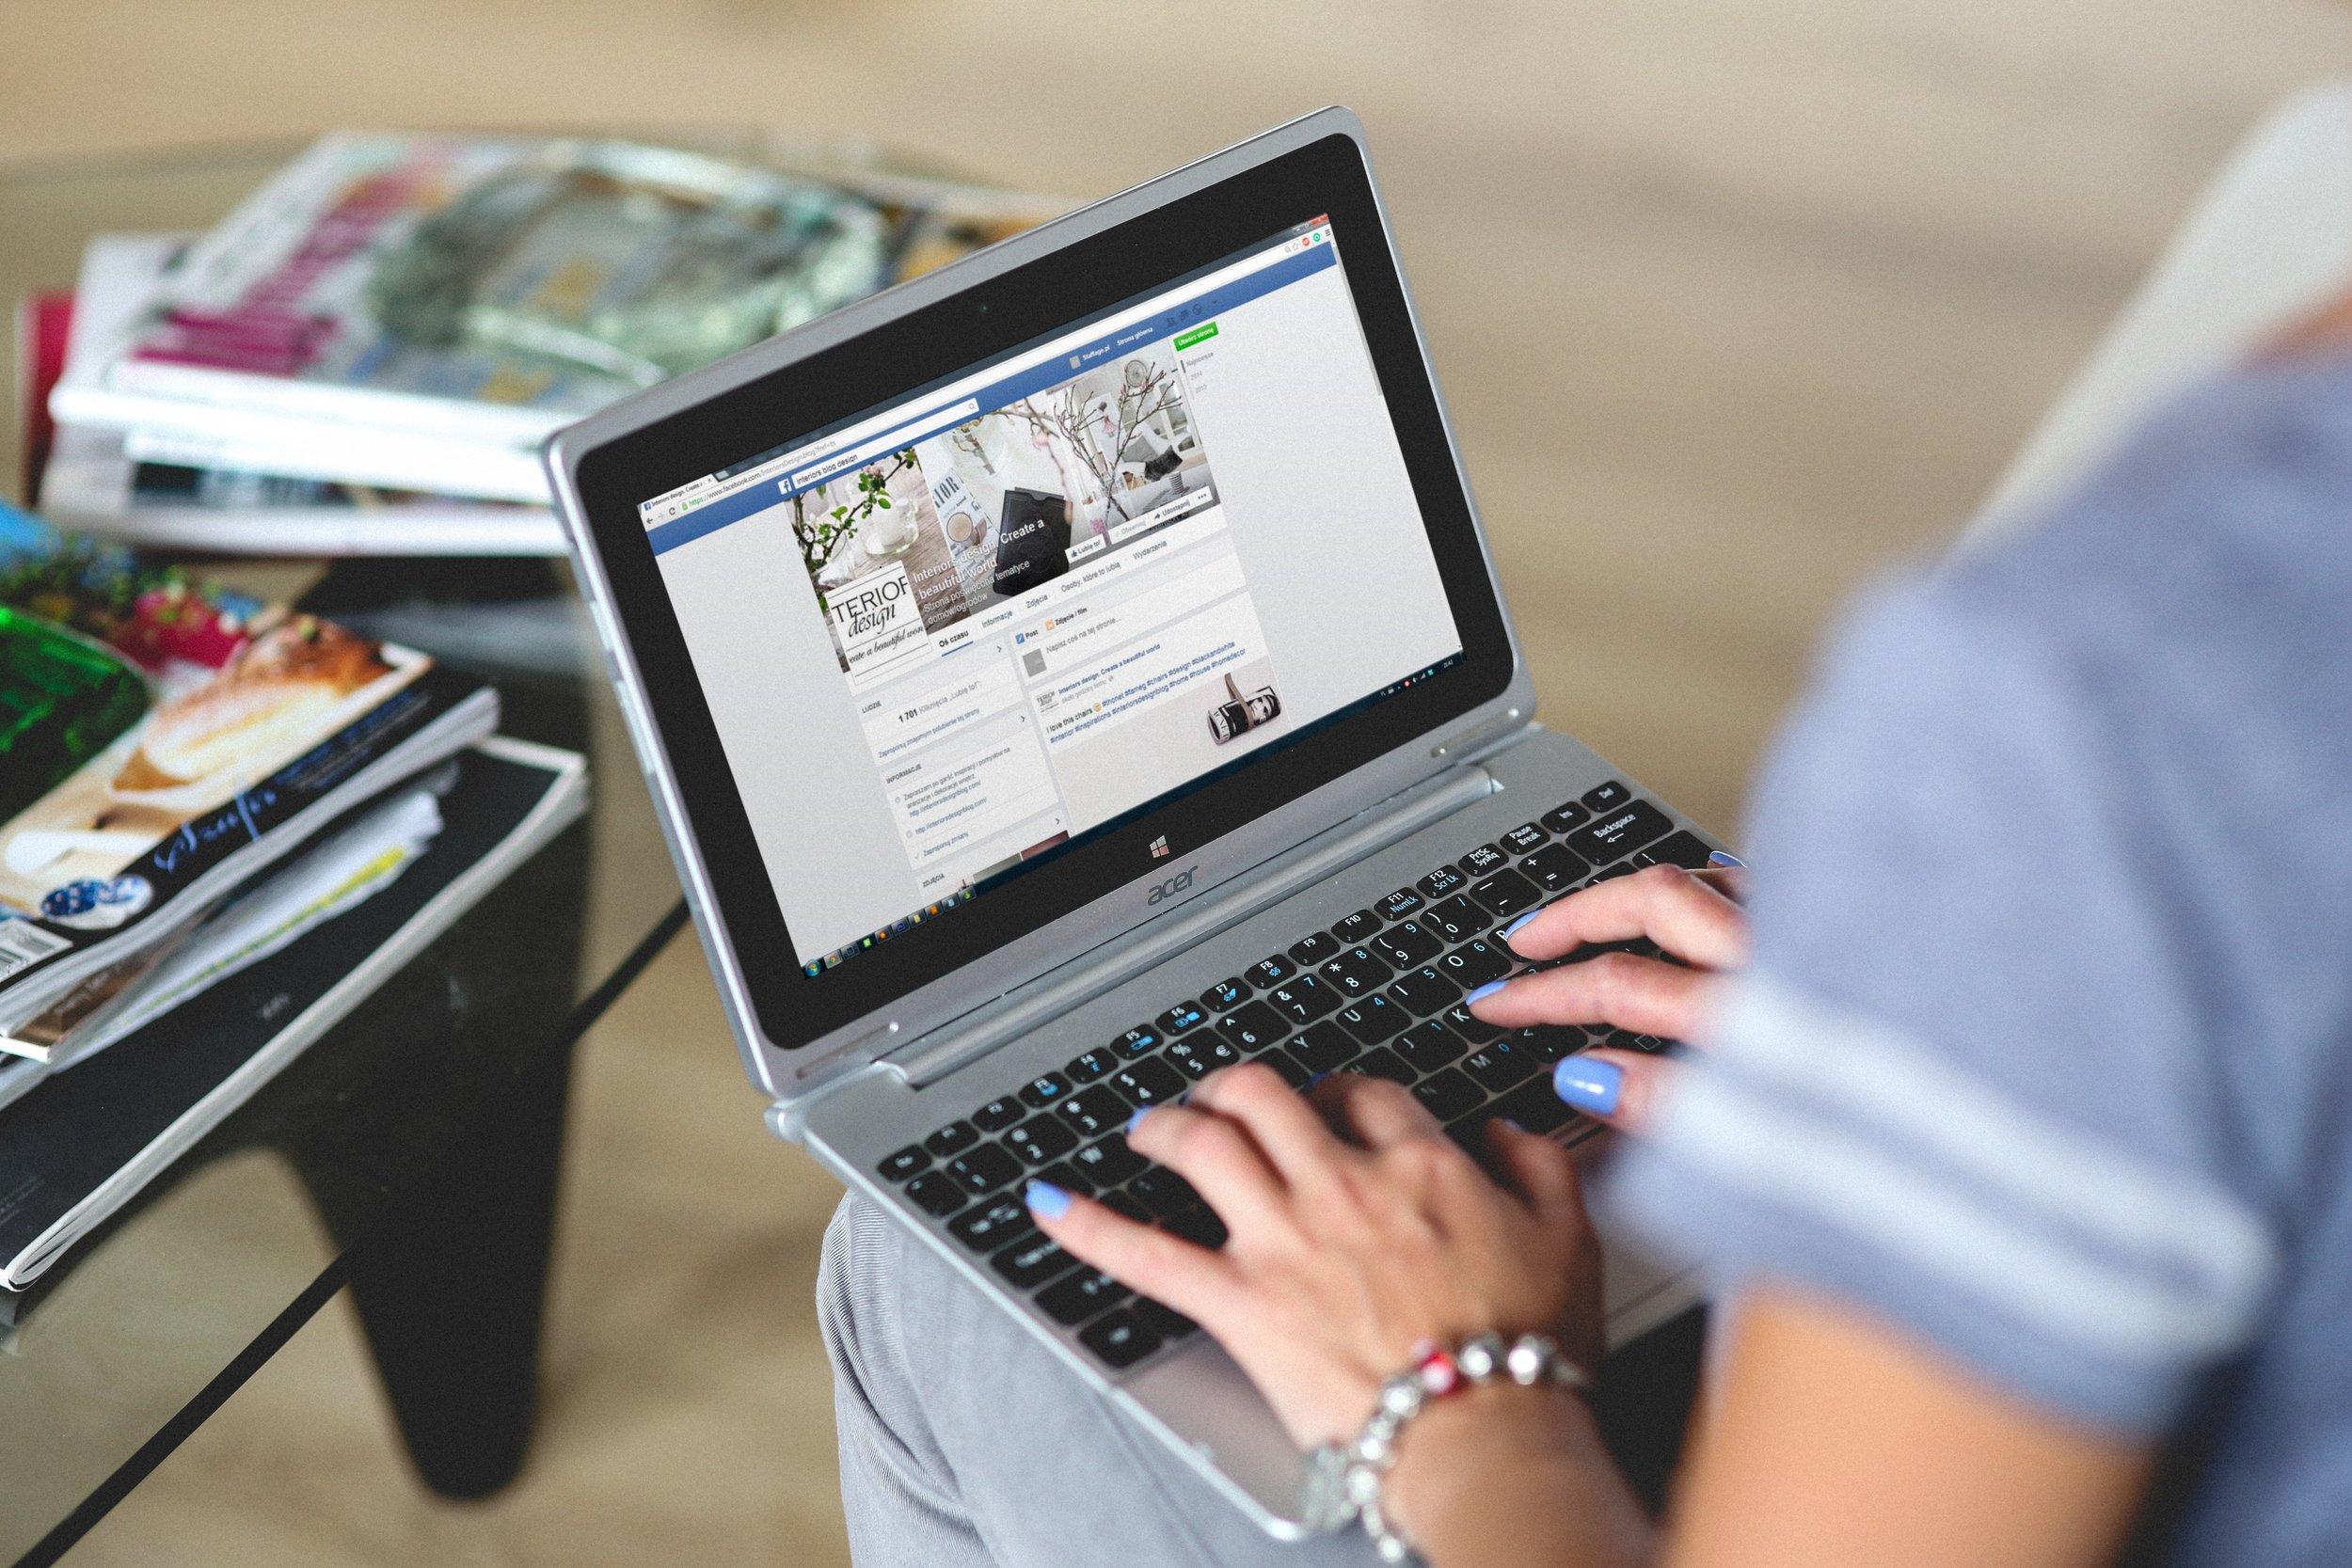 2.9 Millionen tägliche User - Täglich können bis zu 2.9 Mio. Nutzer über Facebook erreicht werden.